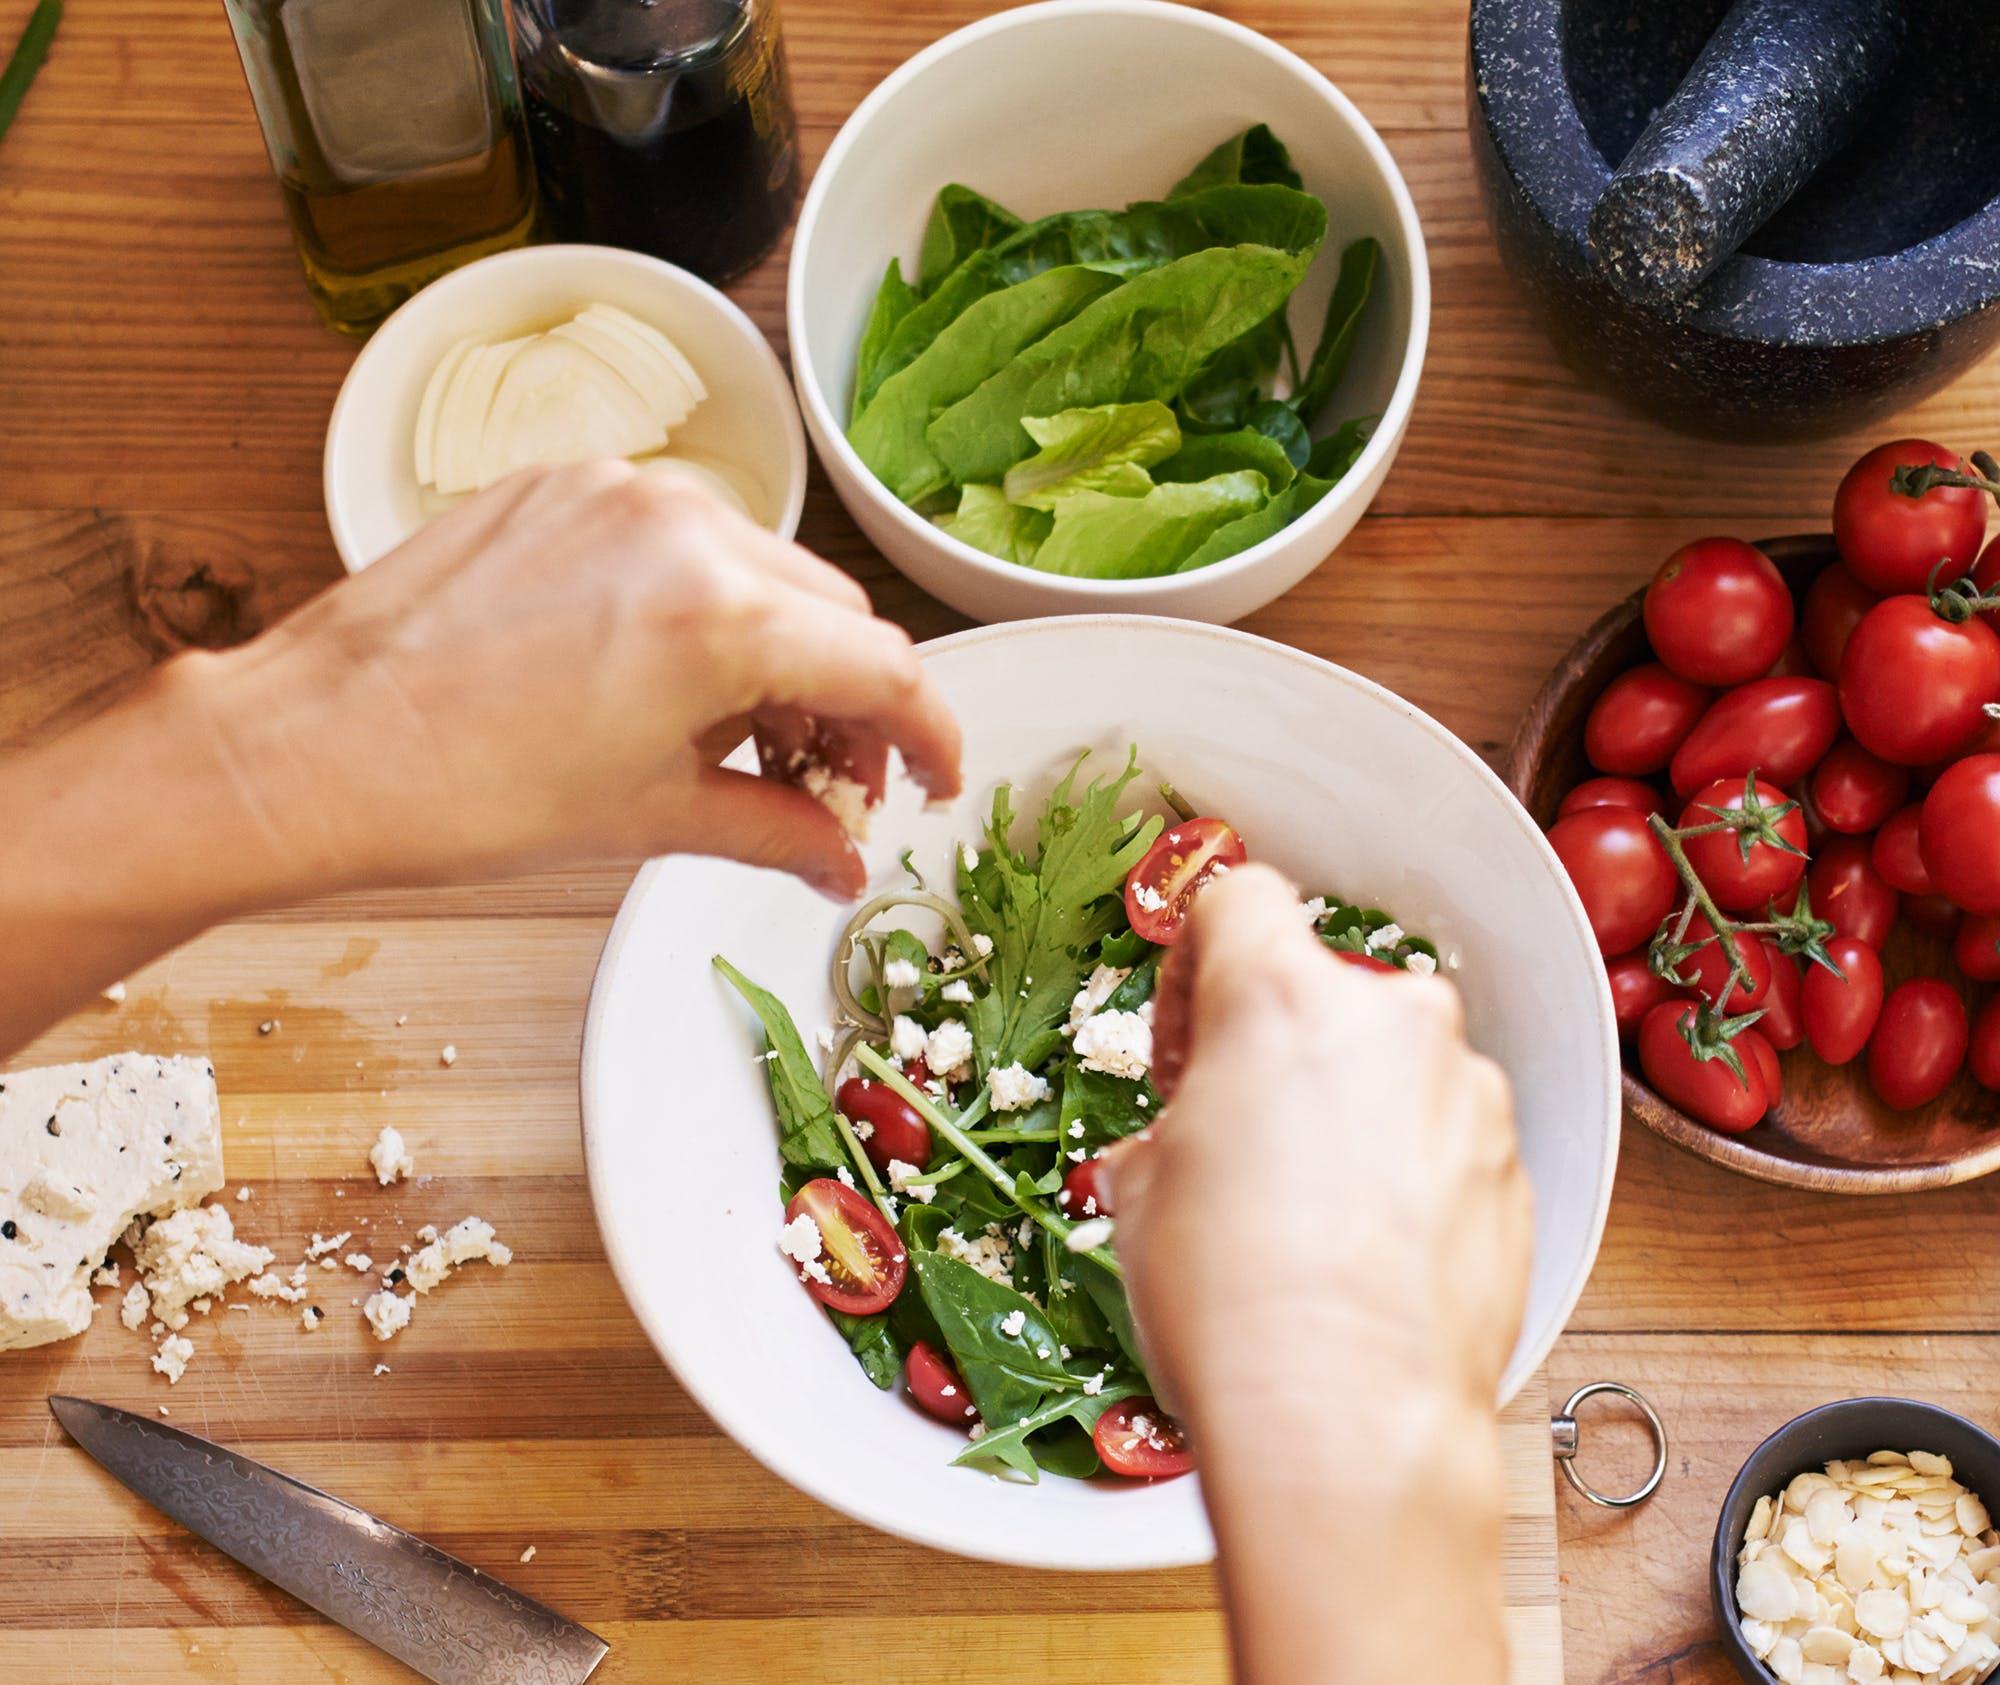 Anexo: una dieta keto vegetariana saludable